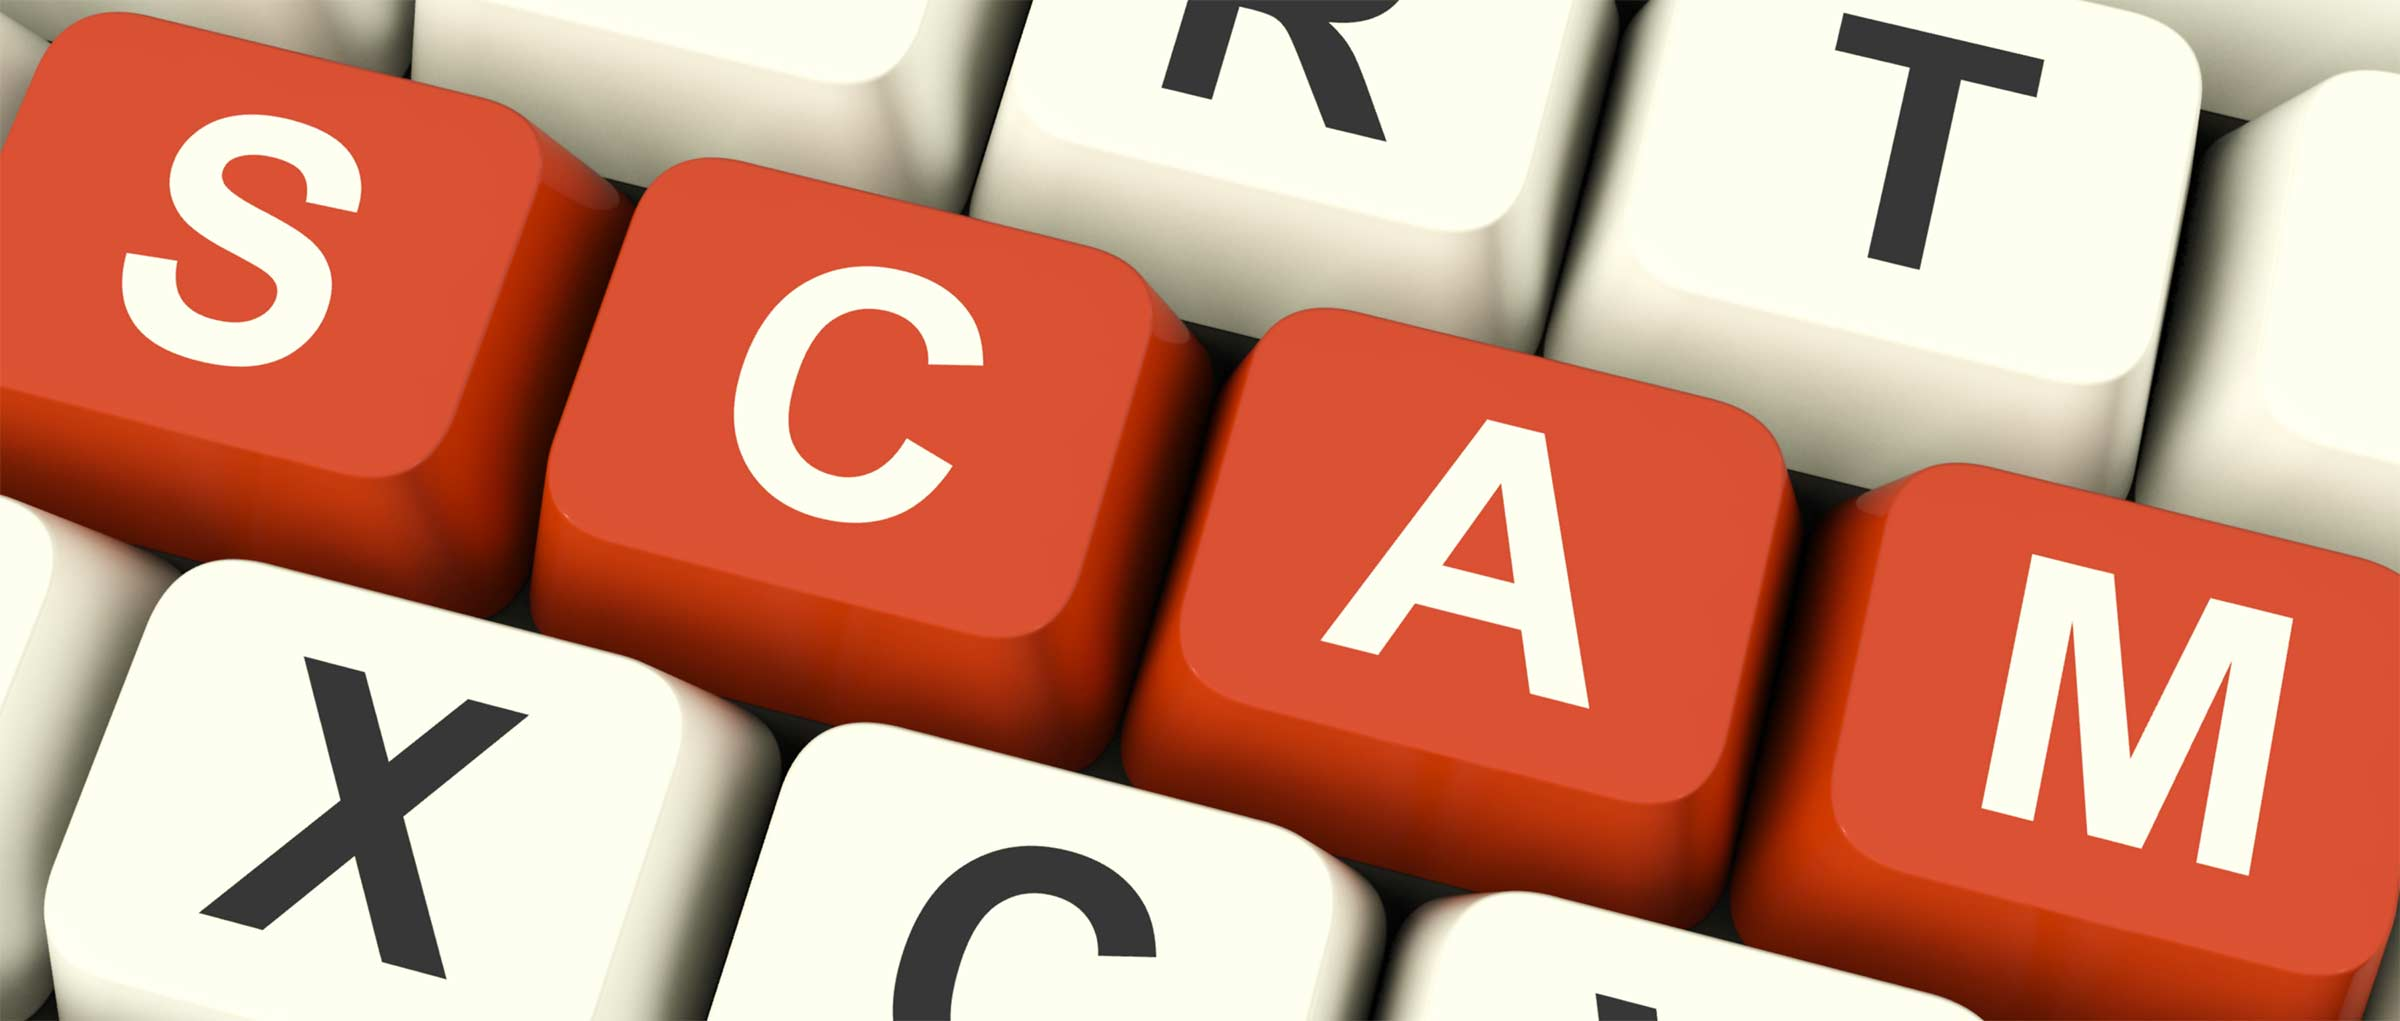 NTDA warns members to be aware of credit card fraud